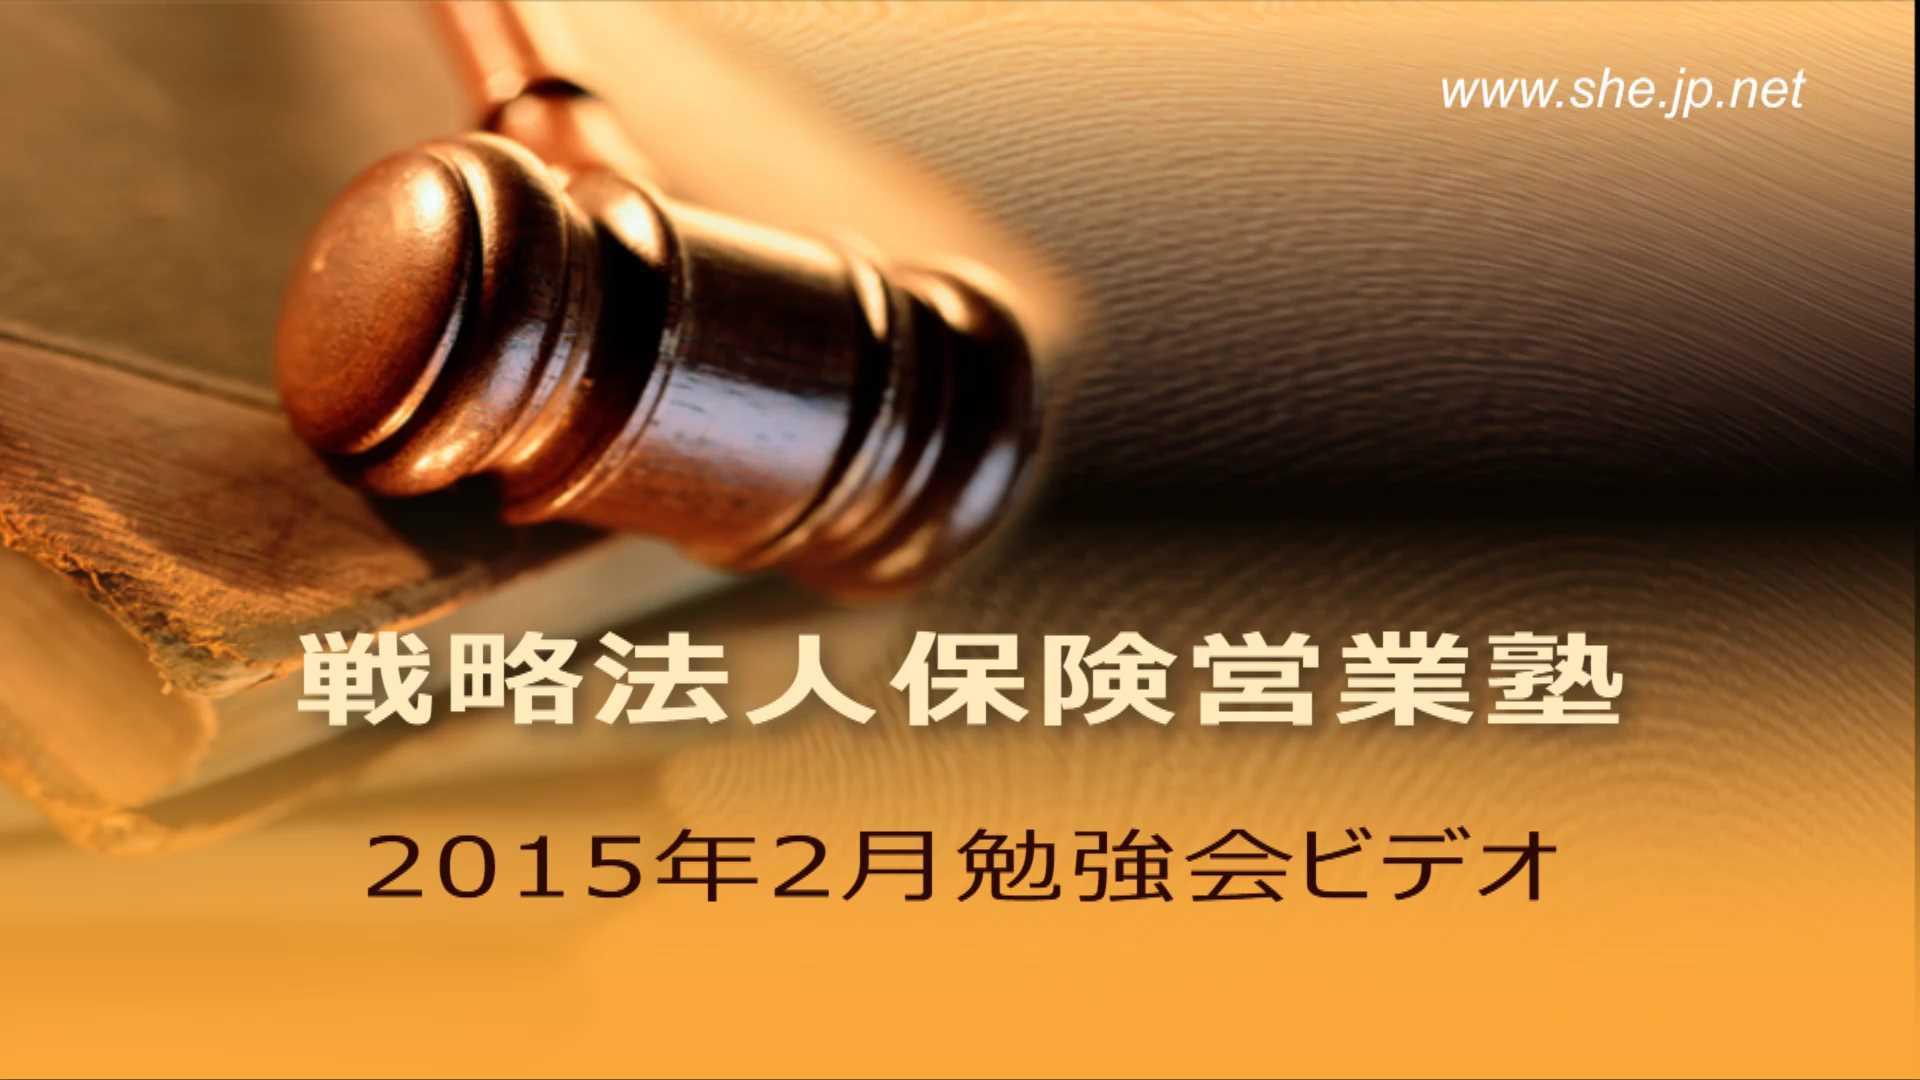 【受講者専用】 2015年2月LiveSHE勉強会ビデオ(メンバー限定)